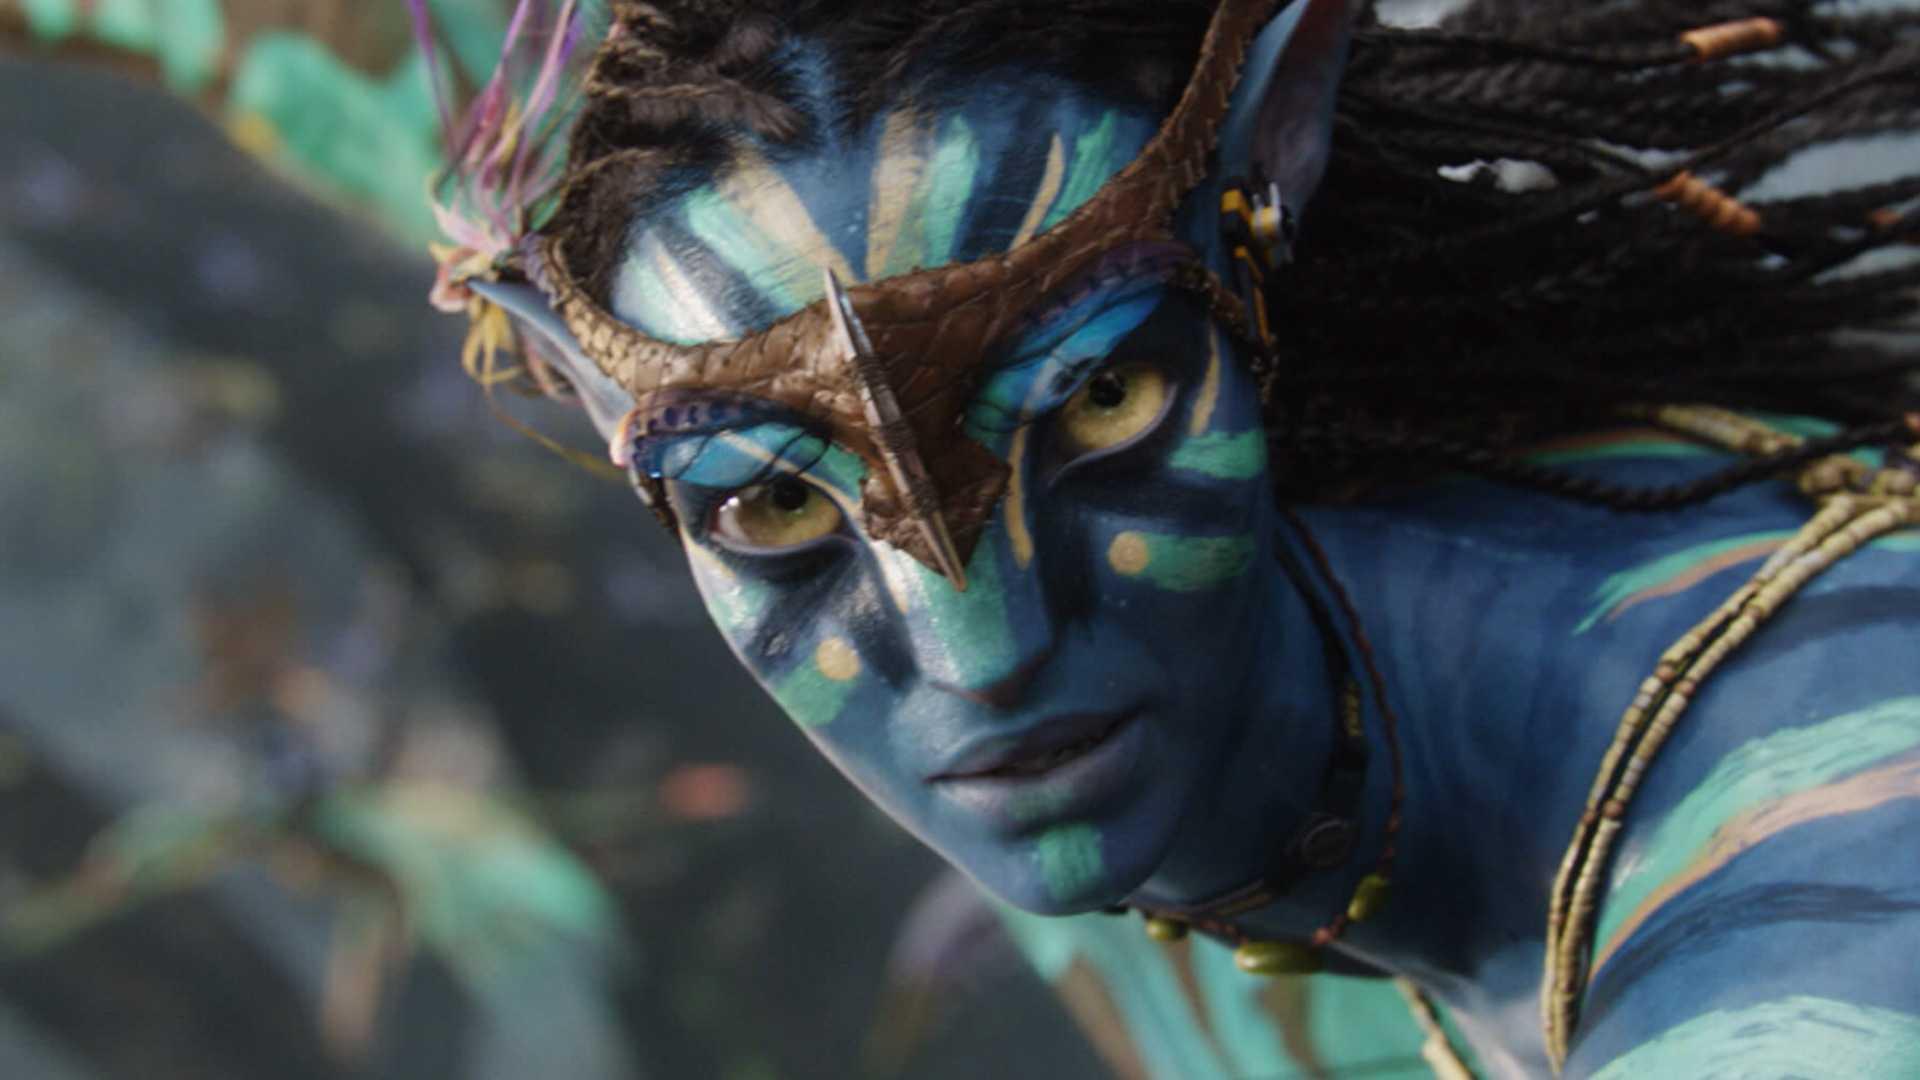 Zoe Saldana As Neytiri In Avatar Zoe Saldana Photo